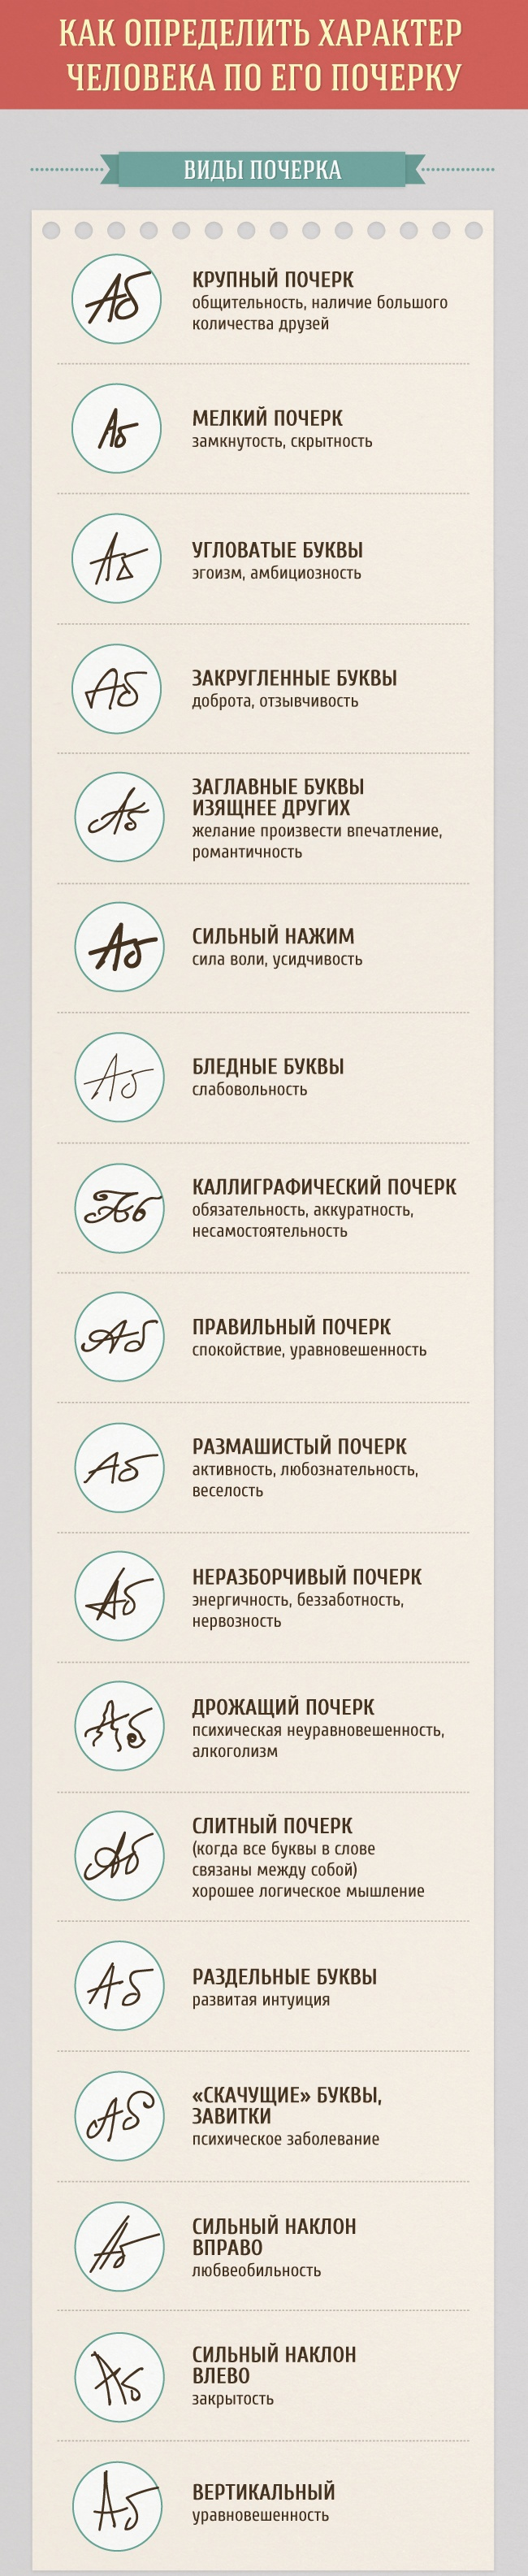 http://s2.uploads.ru/wTtDk.jpg